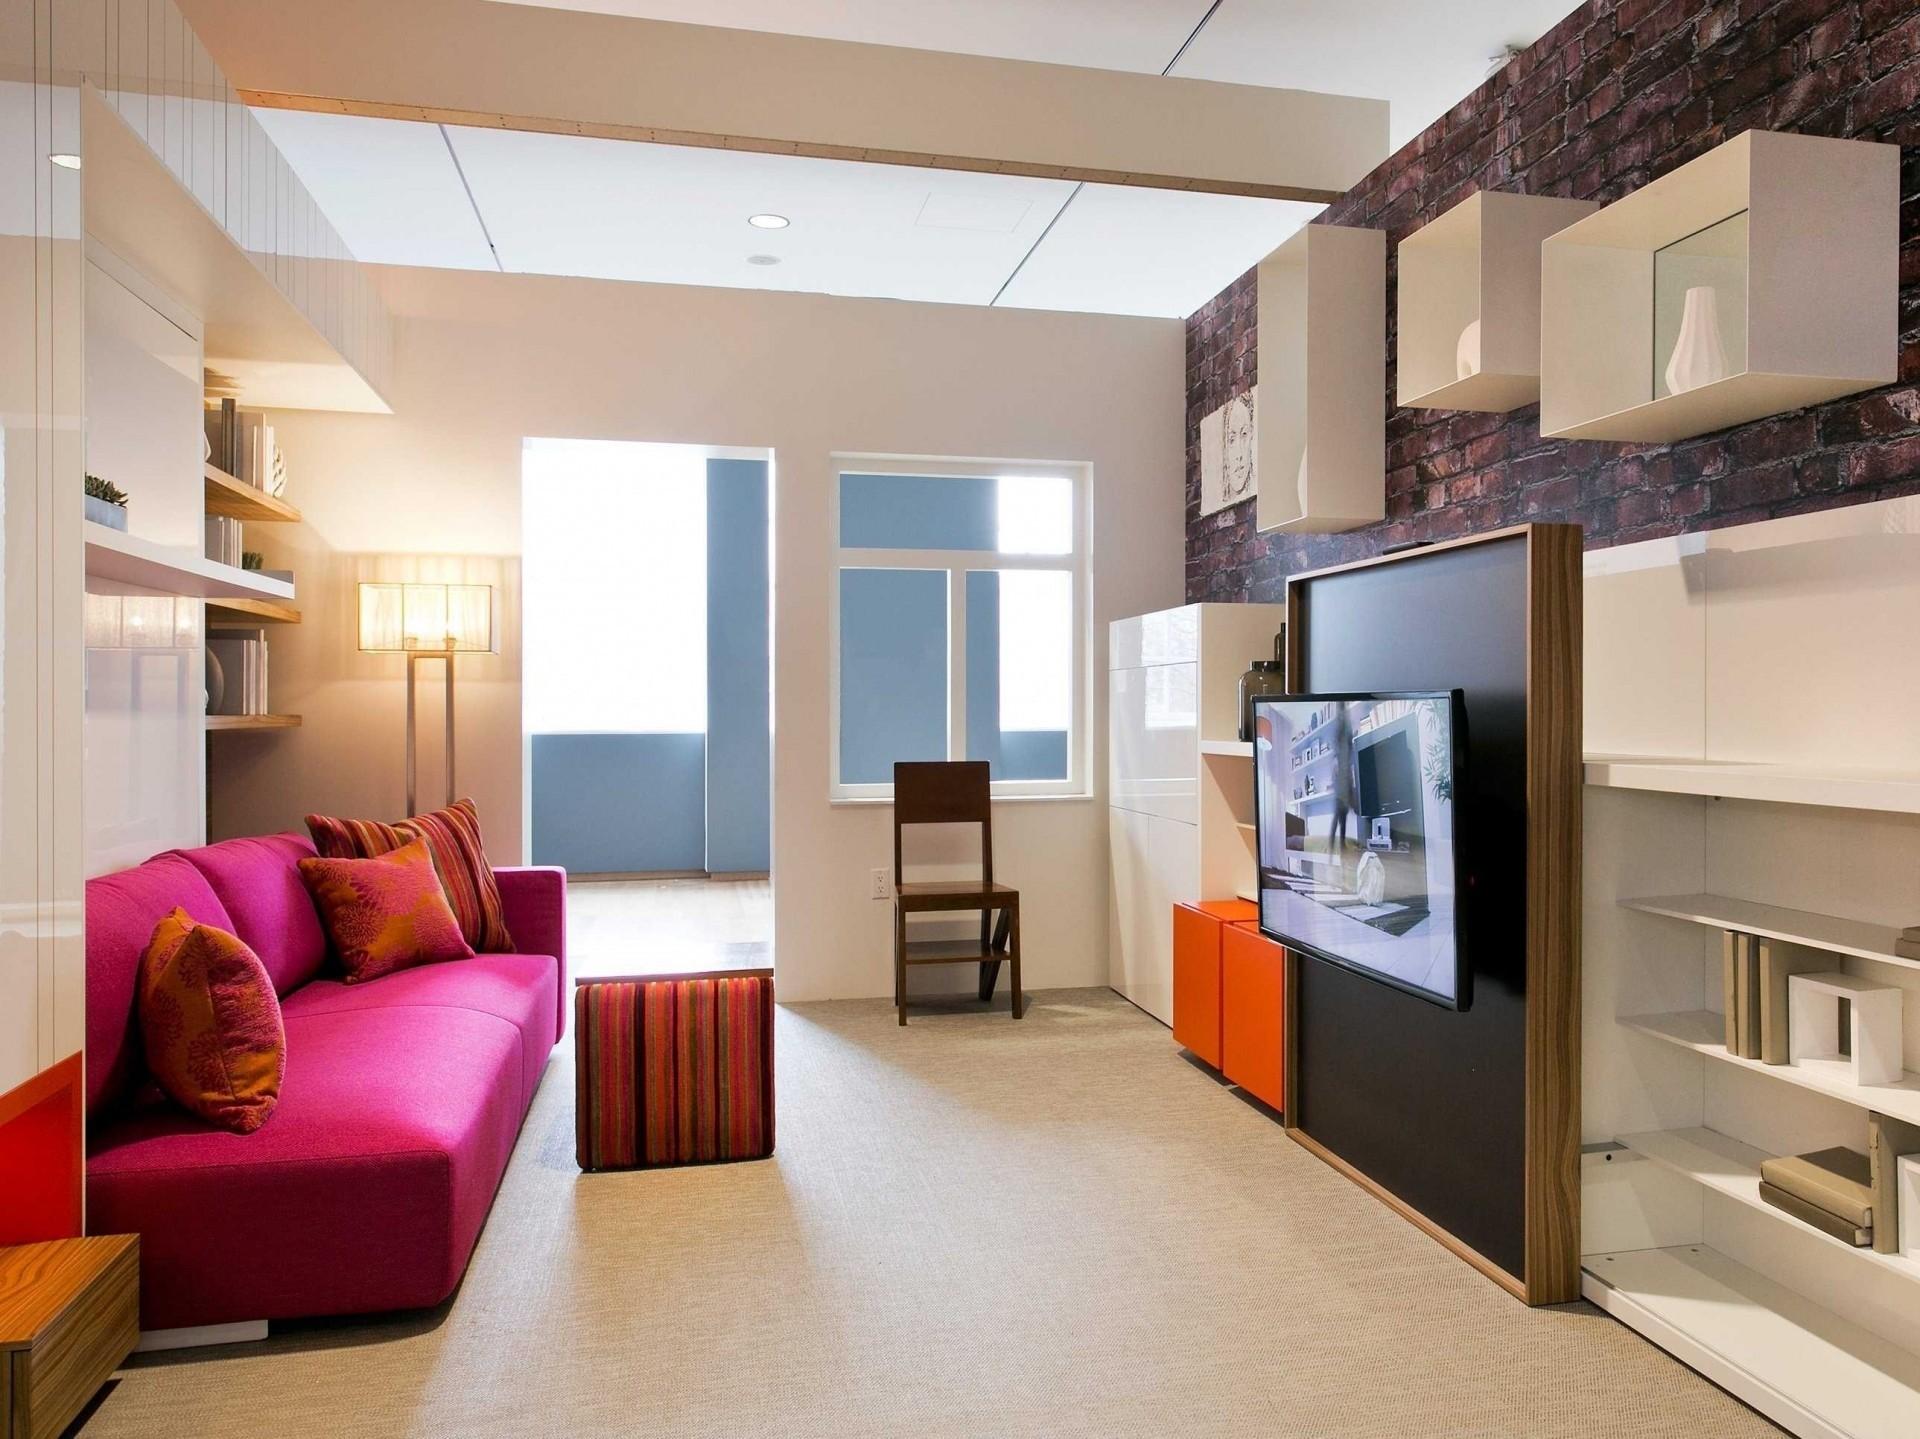 модульная мебель в квартире